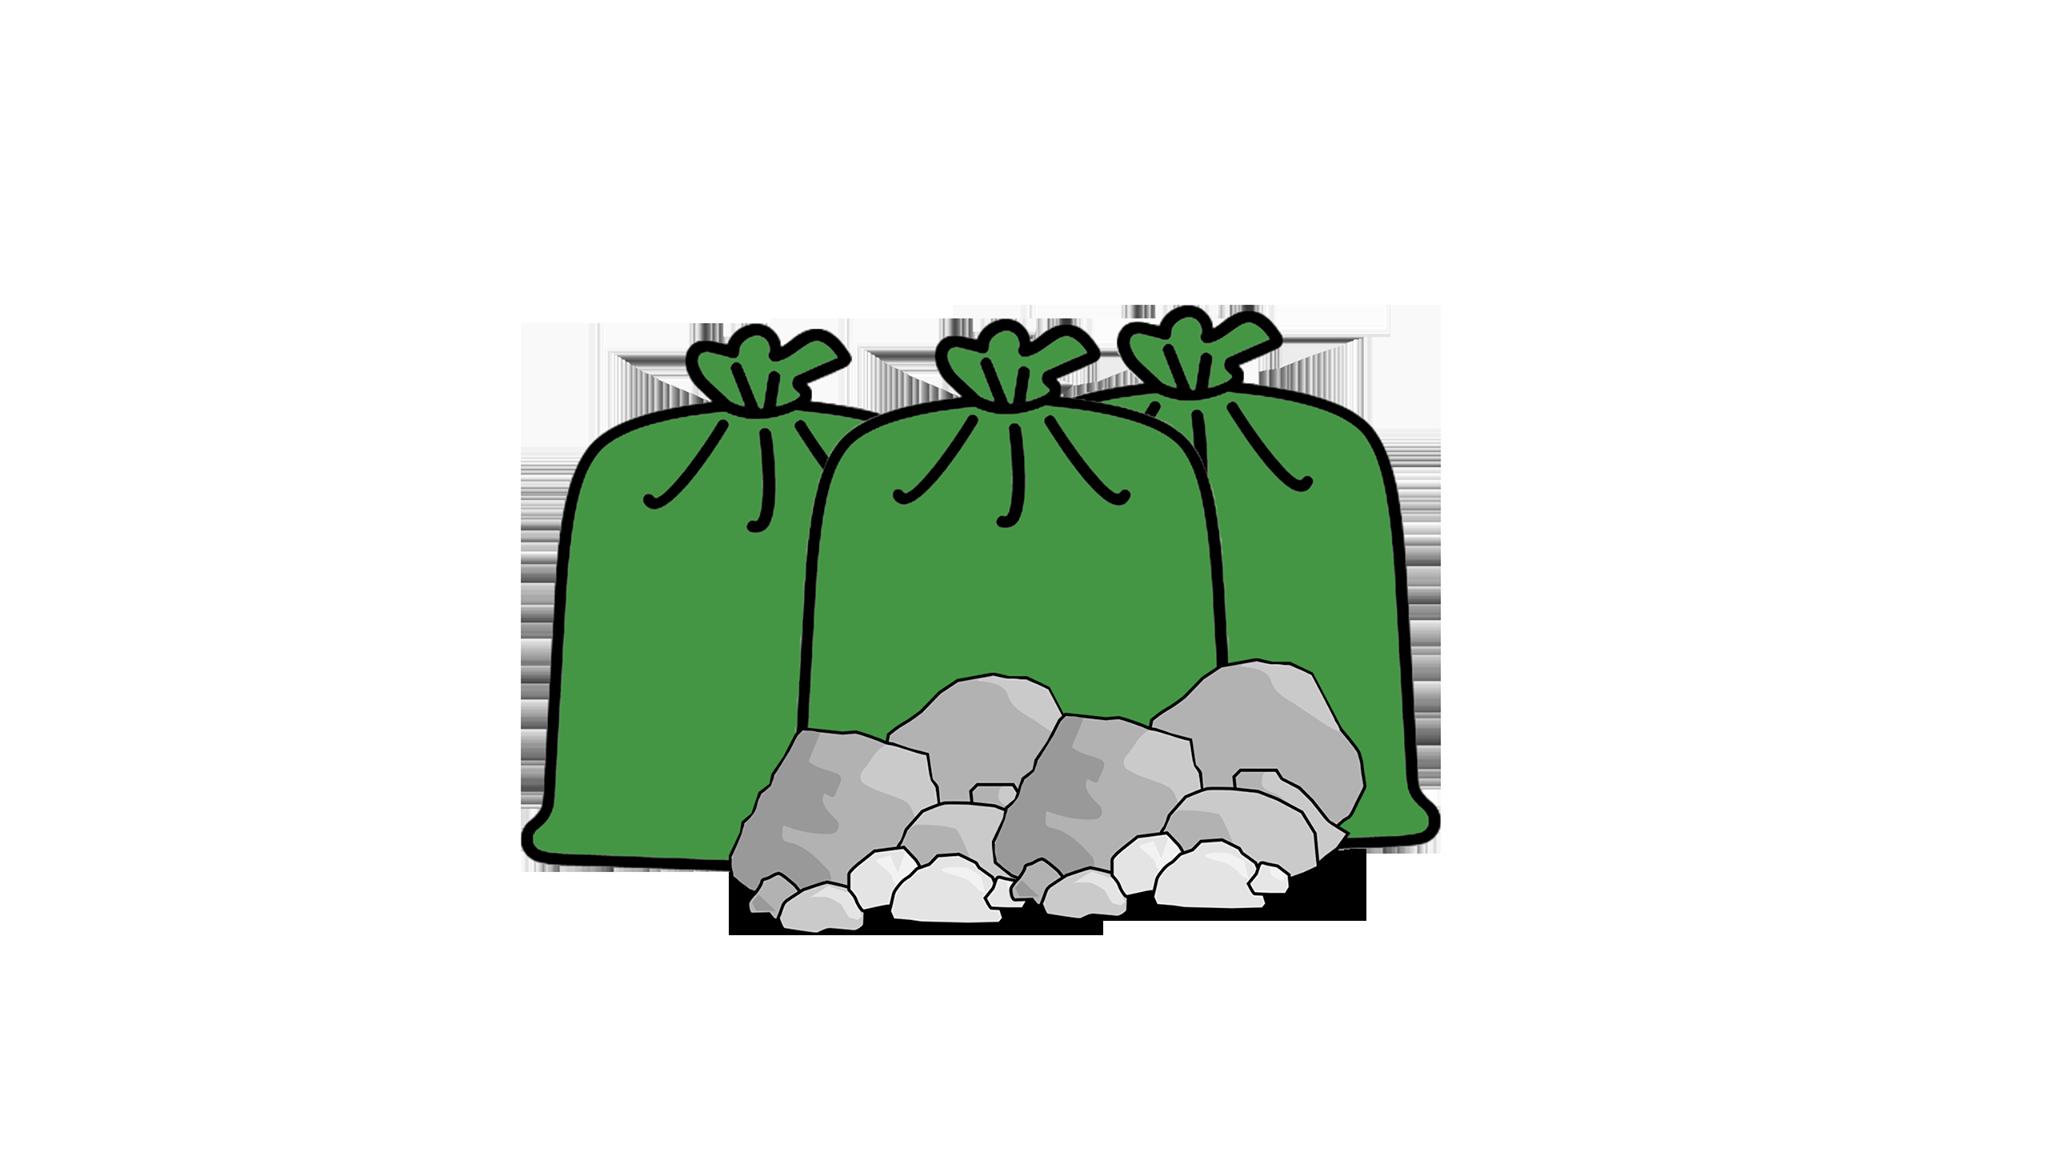 Rubble-Soil-Ceramic 1Ton